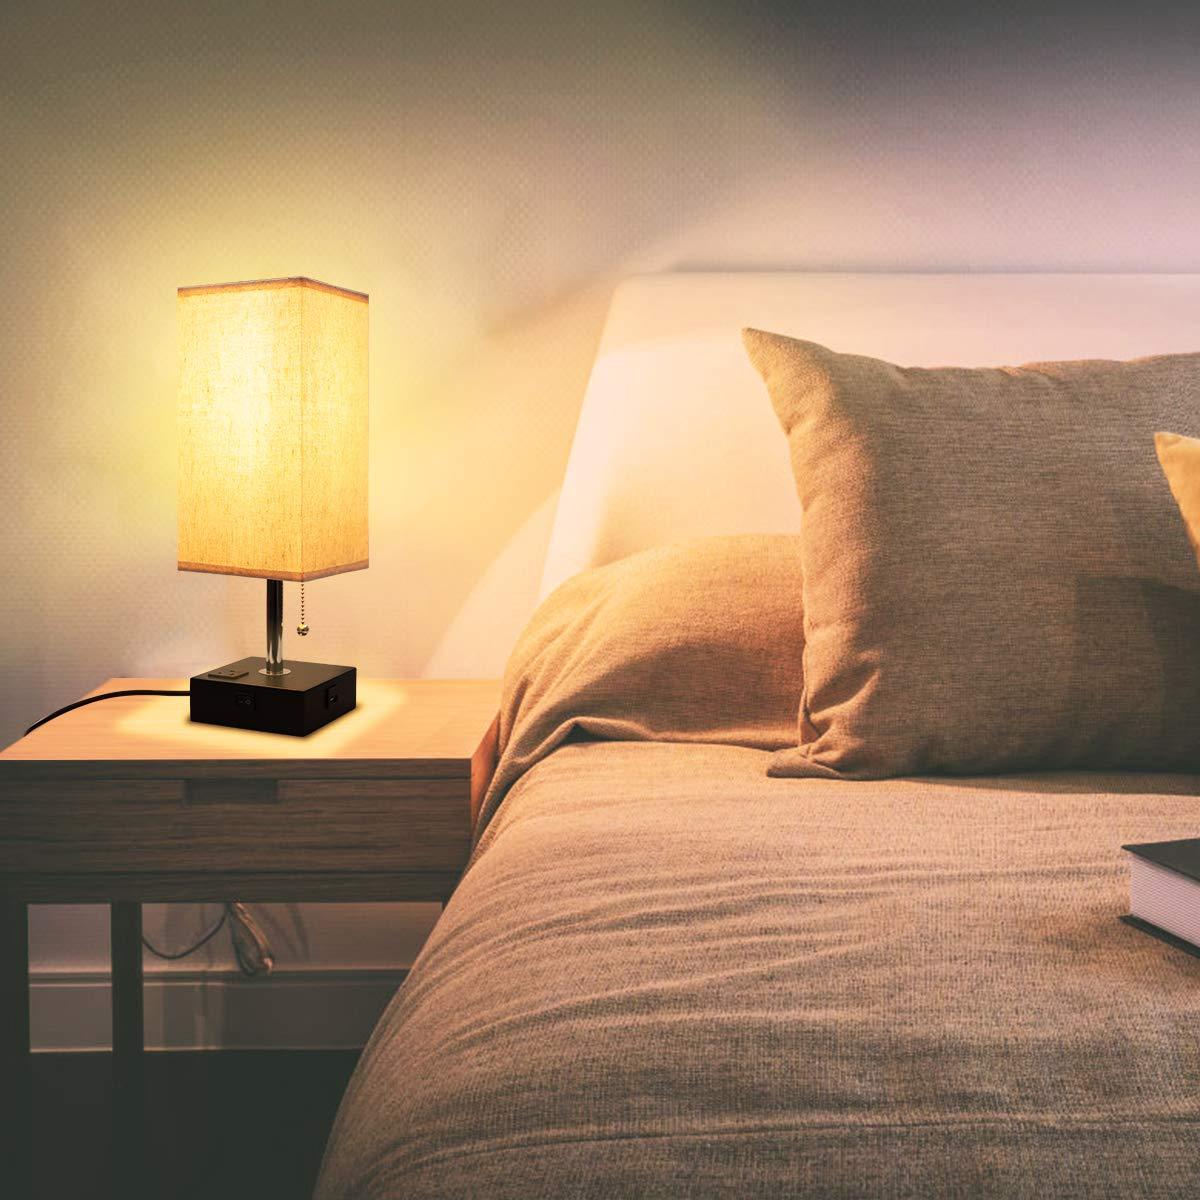 Pack of 4 Vanity Light Bulbs Non-Dimmable Medium E26 Base Make Up LED Light Bulbs for Bedroom Washroom Mirror 2700K Warm White Seealle G25 50W LED Globe G25 E26 Bulb Equivalent